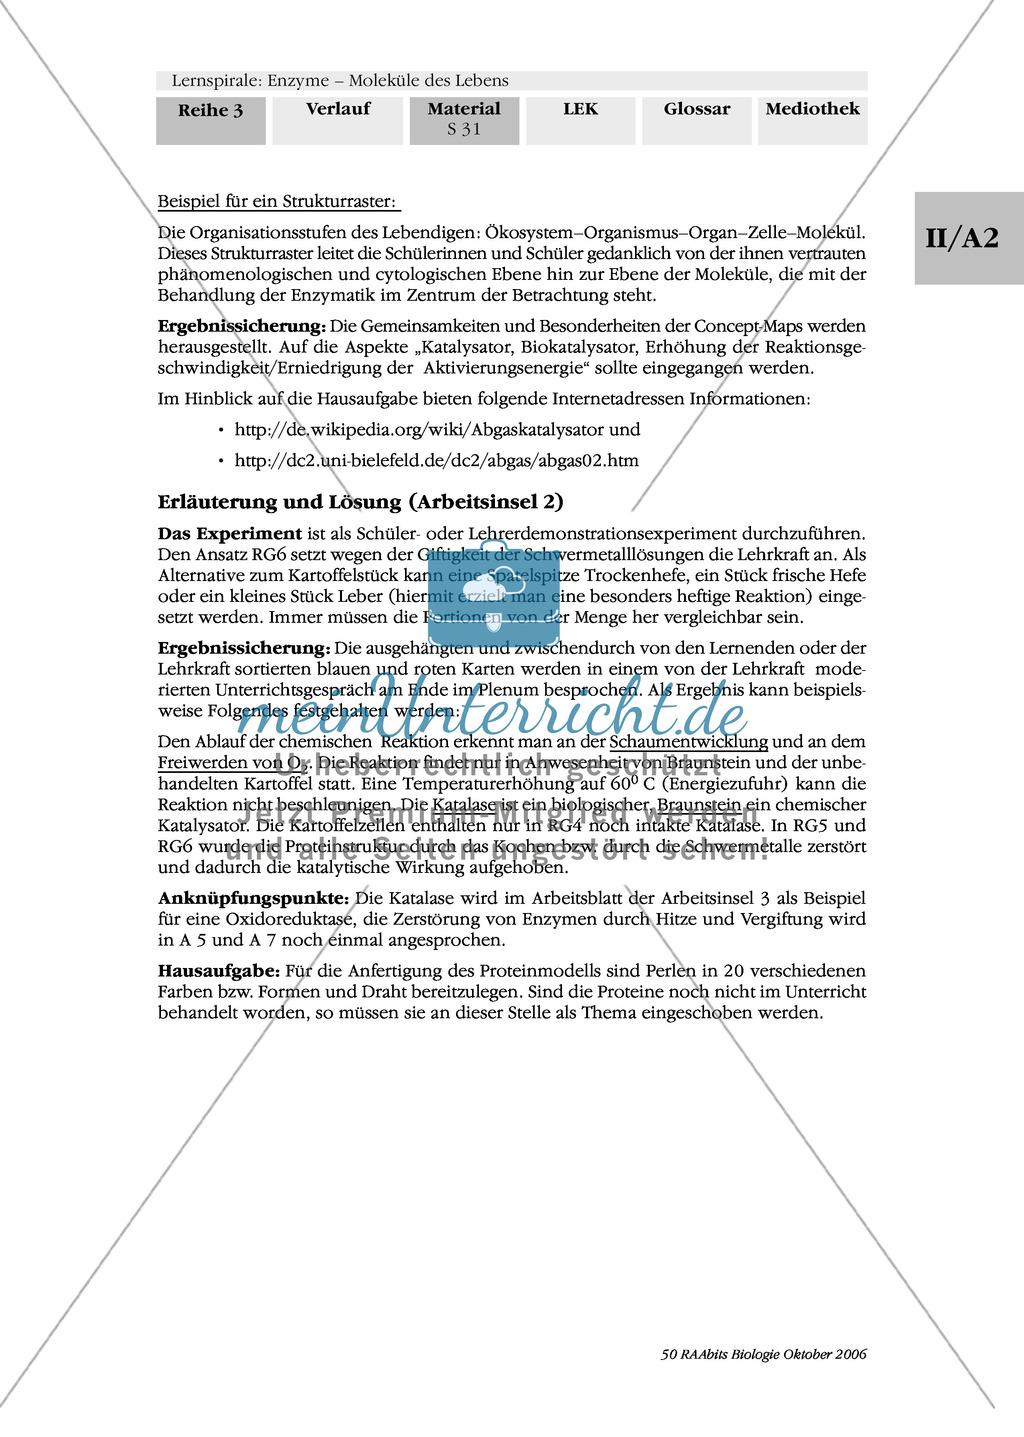 Enzyme: Arbeitsinseln zu den Themen Stoffwechsel, Enzymreaktionen, Hemmstoffe, Cofaktoren, Regulation Preview 23